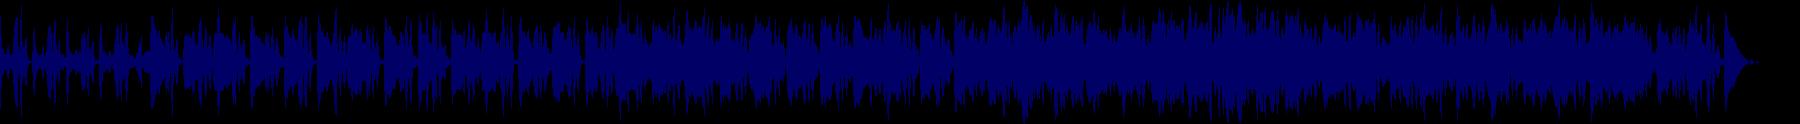 waveform of track #68366